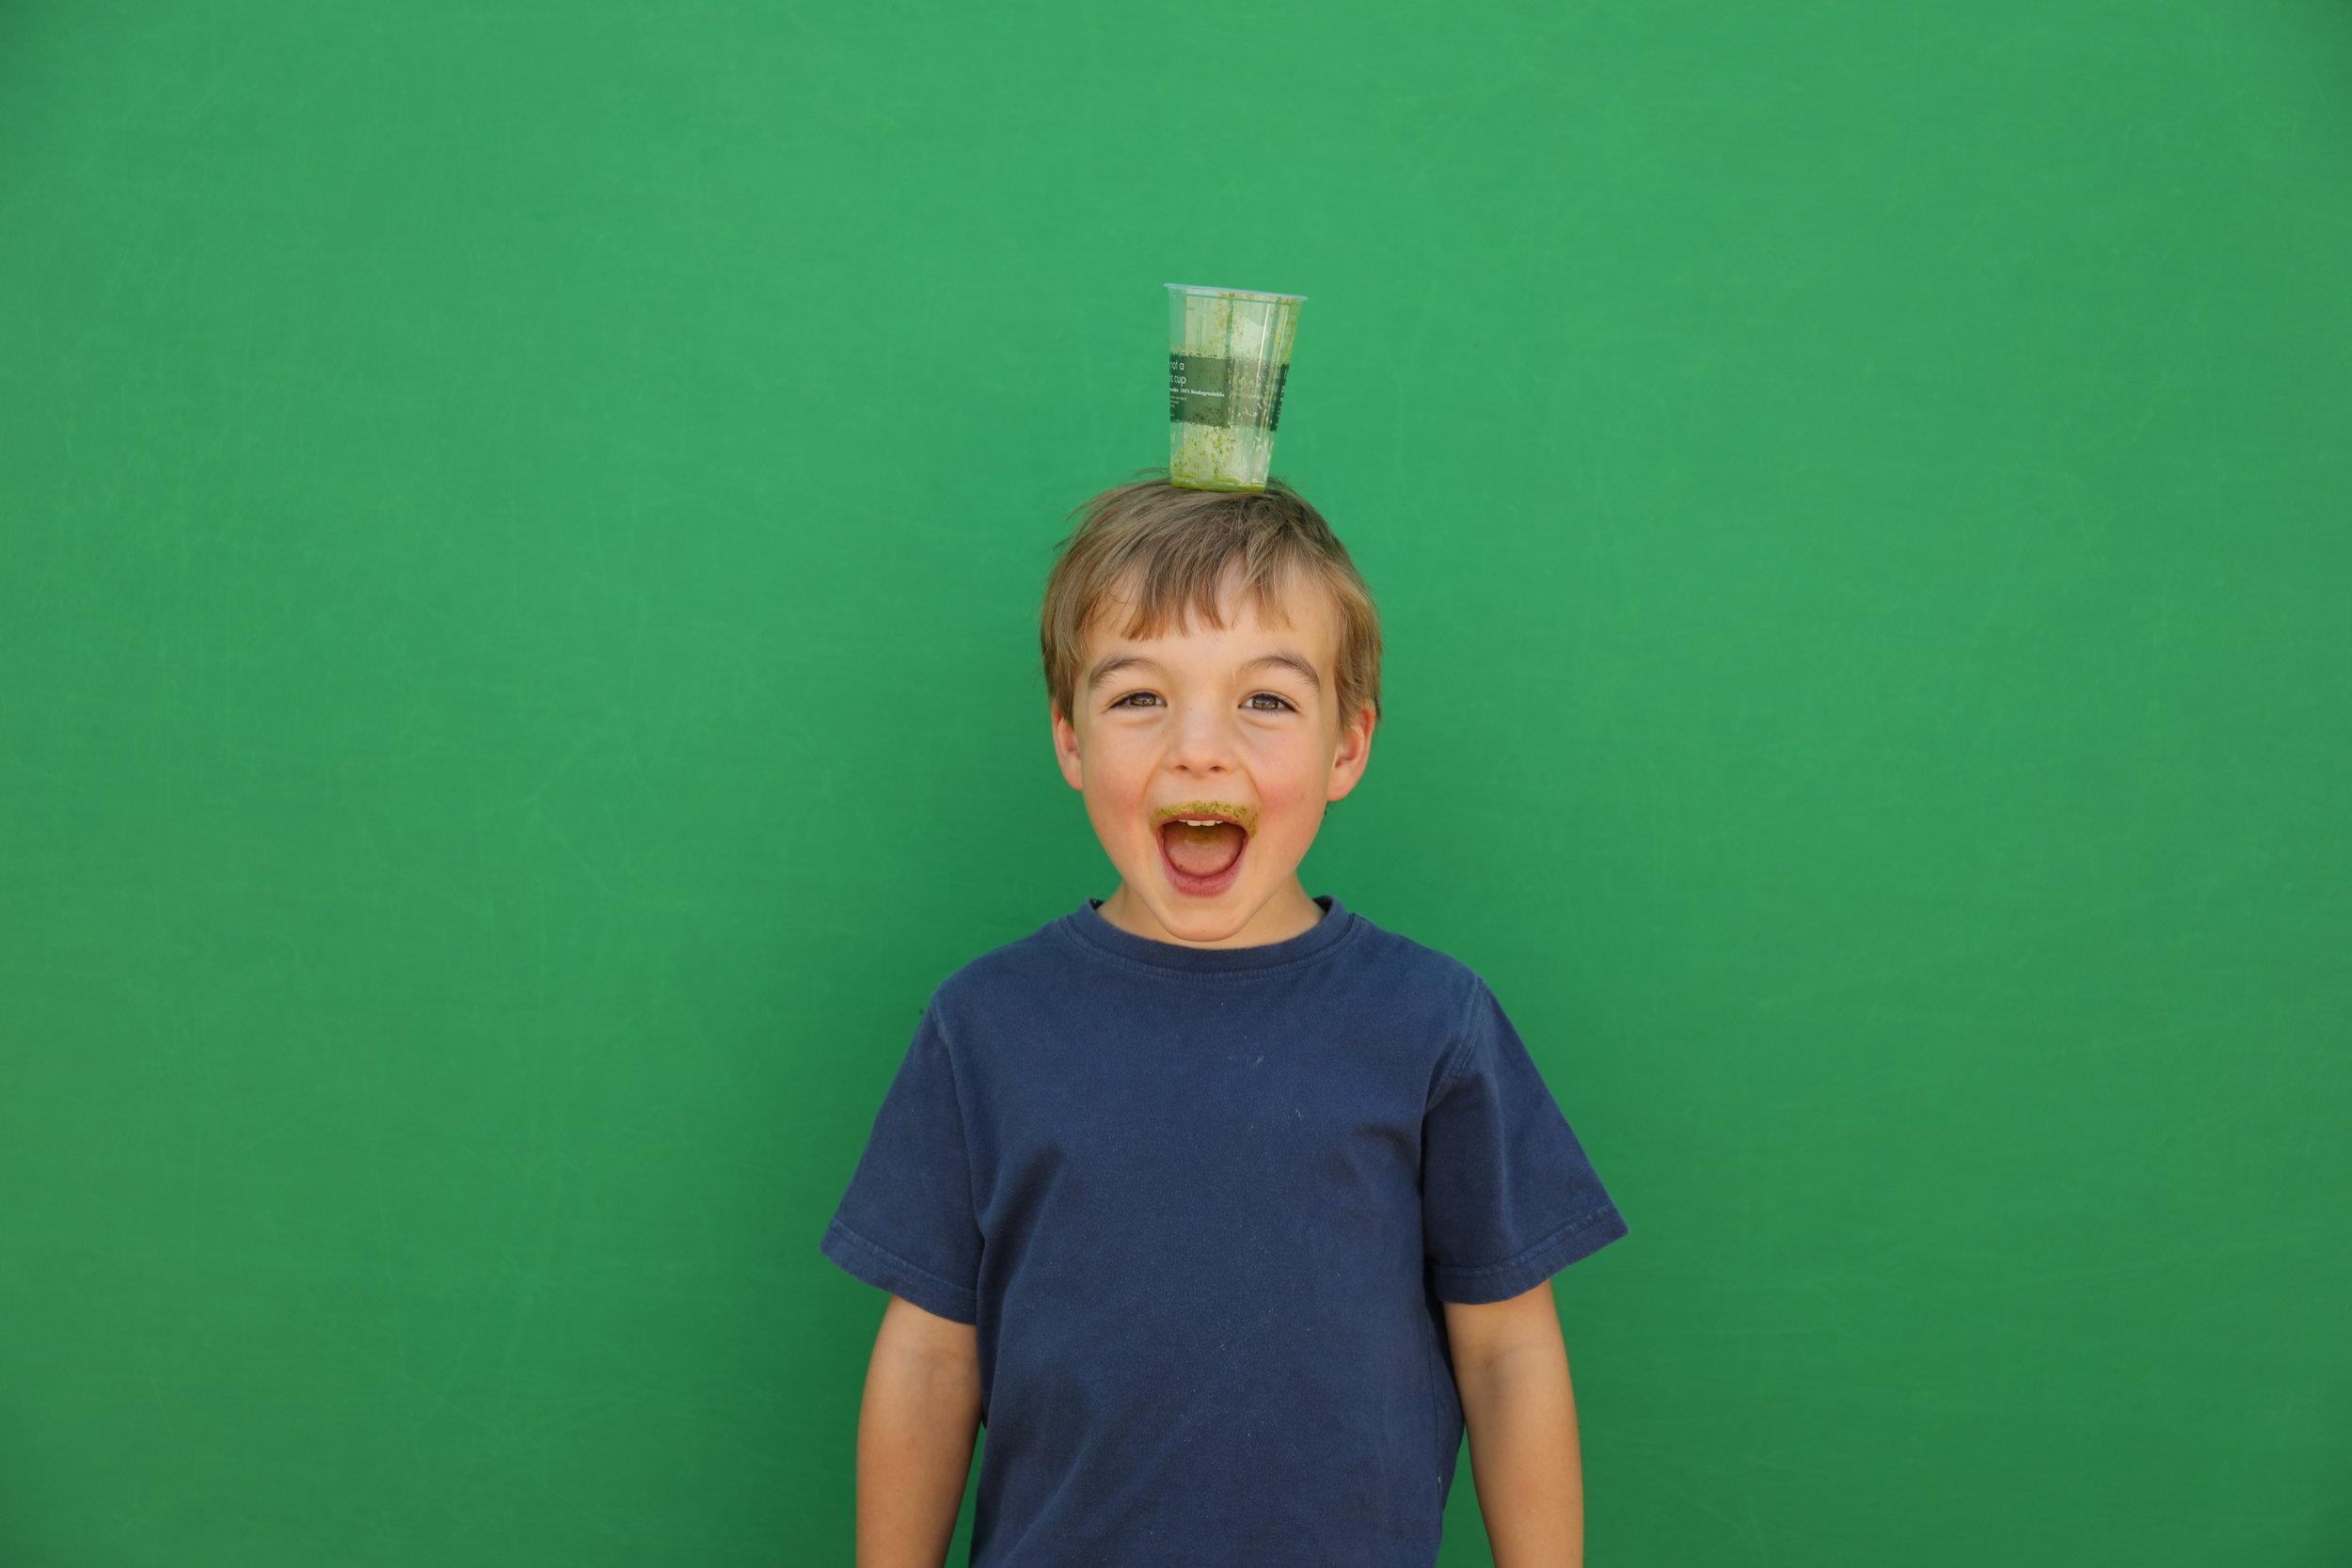 Orson Mealor age 6